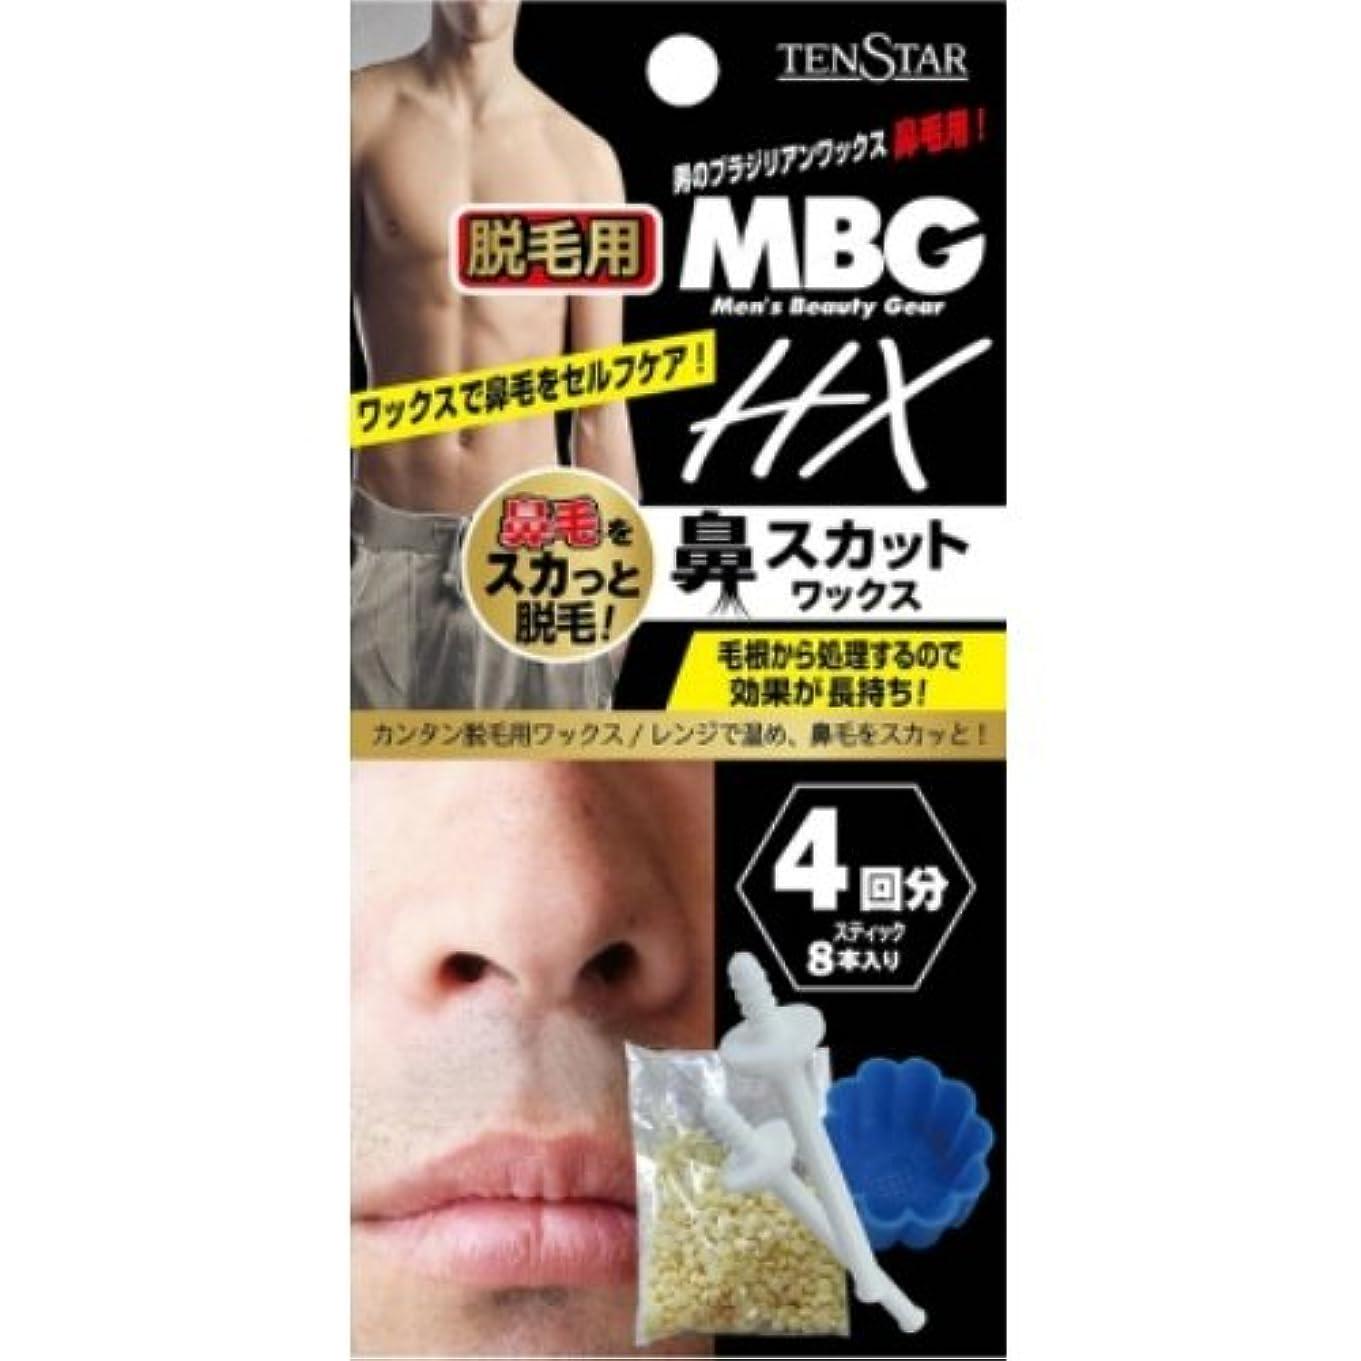 プレビスサイト力放映MBG2-29 MBG HX鼻スカットワックス 20g